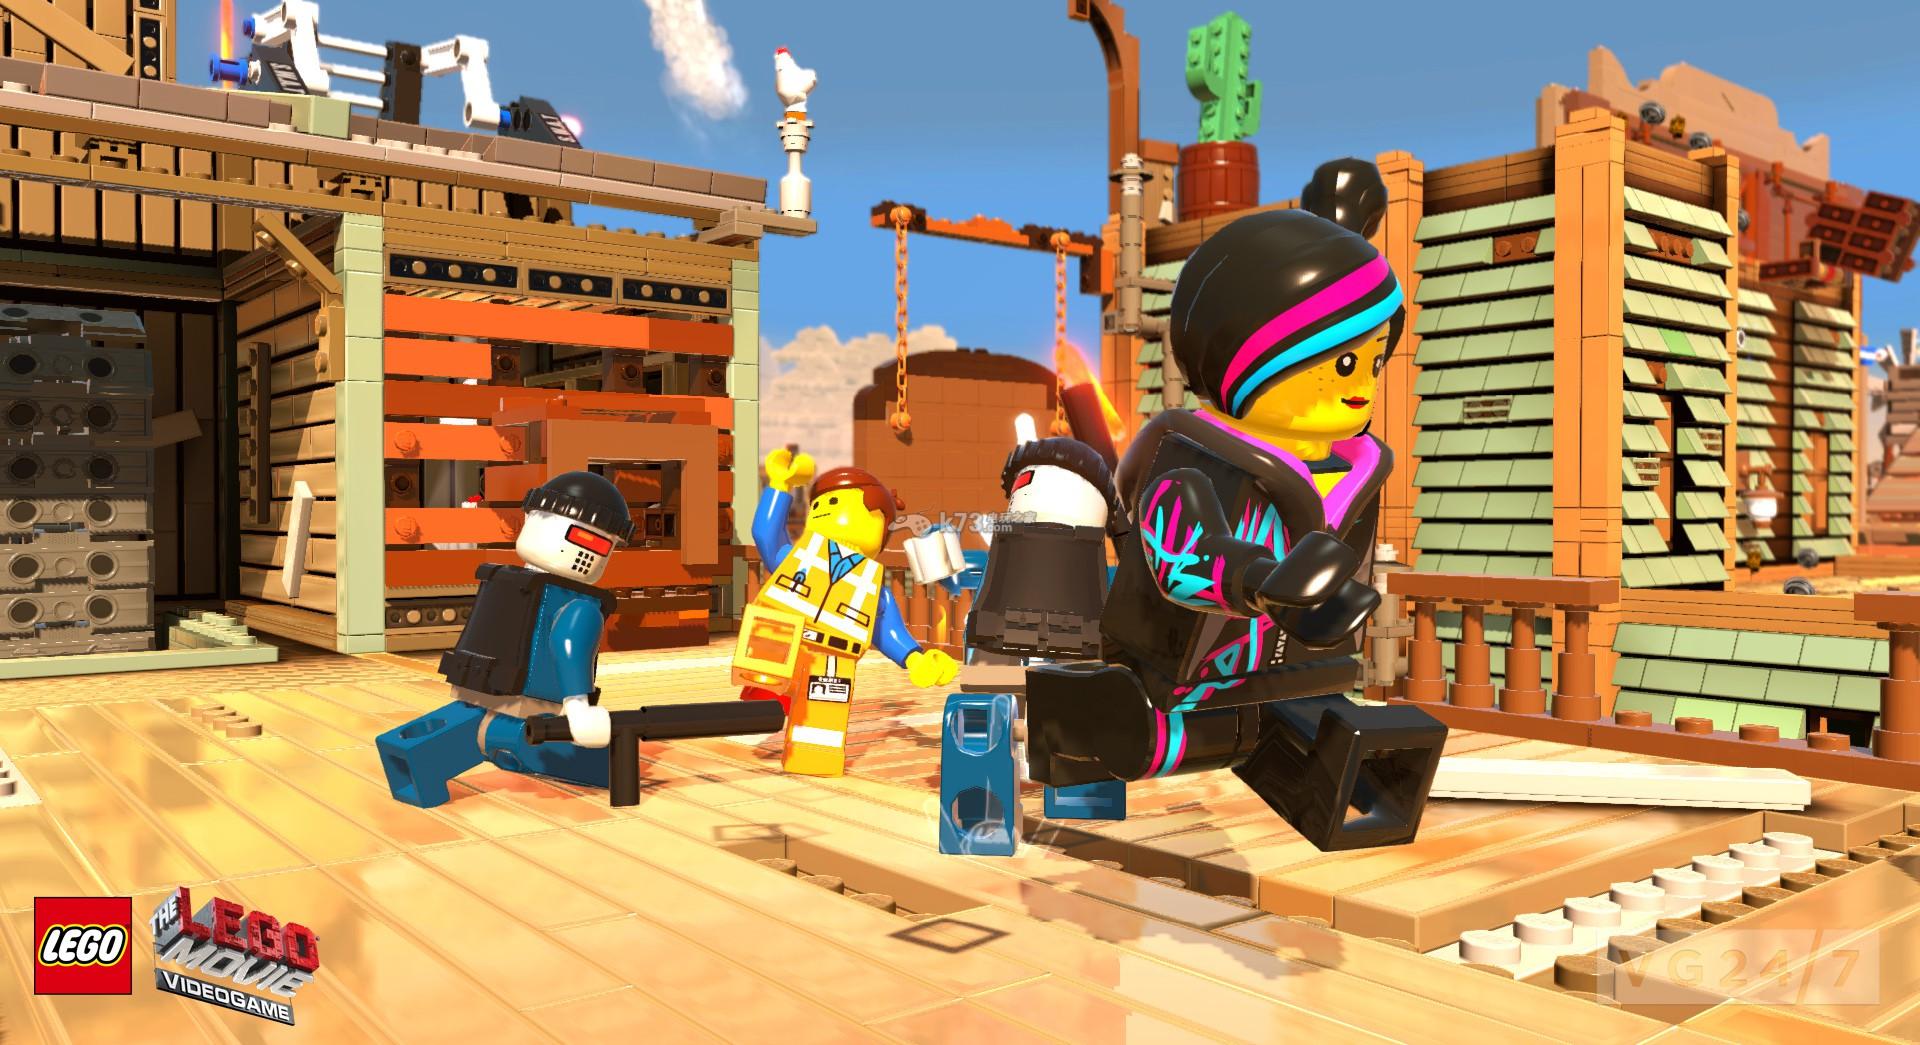 英文名称:The LEGO Movie Videogame 游戏语言:欧洲语言 开发厂商:TT Games 发行厂商:Warner Bros. Interactive Entertainment 发售日期:2014-2-14 游戏容量:4.52GB 游戏类型:动作类 在《乐高大电影游戏版》这款游戏里面,一共设置了15个关卡,相对来说关卡的数量还是比较多的,不仅如此,在游戏里面,玩家可以操纵的角色多达90个,所以说本作还是非常耐玩的。 将掌机作品和家用机同名作品进行比较可能并不公平,尤其是在两款游戏的游戏性